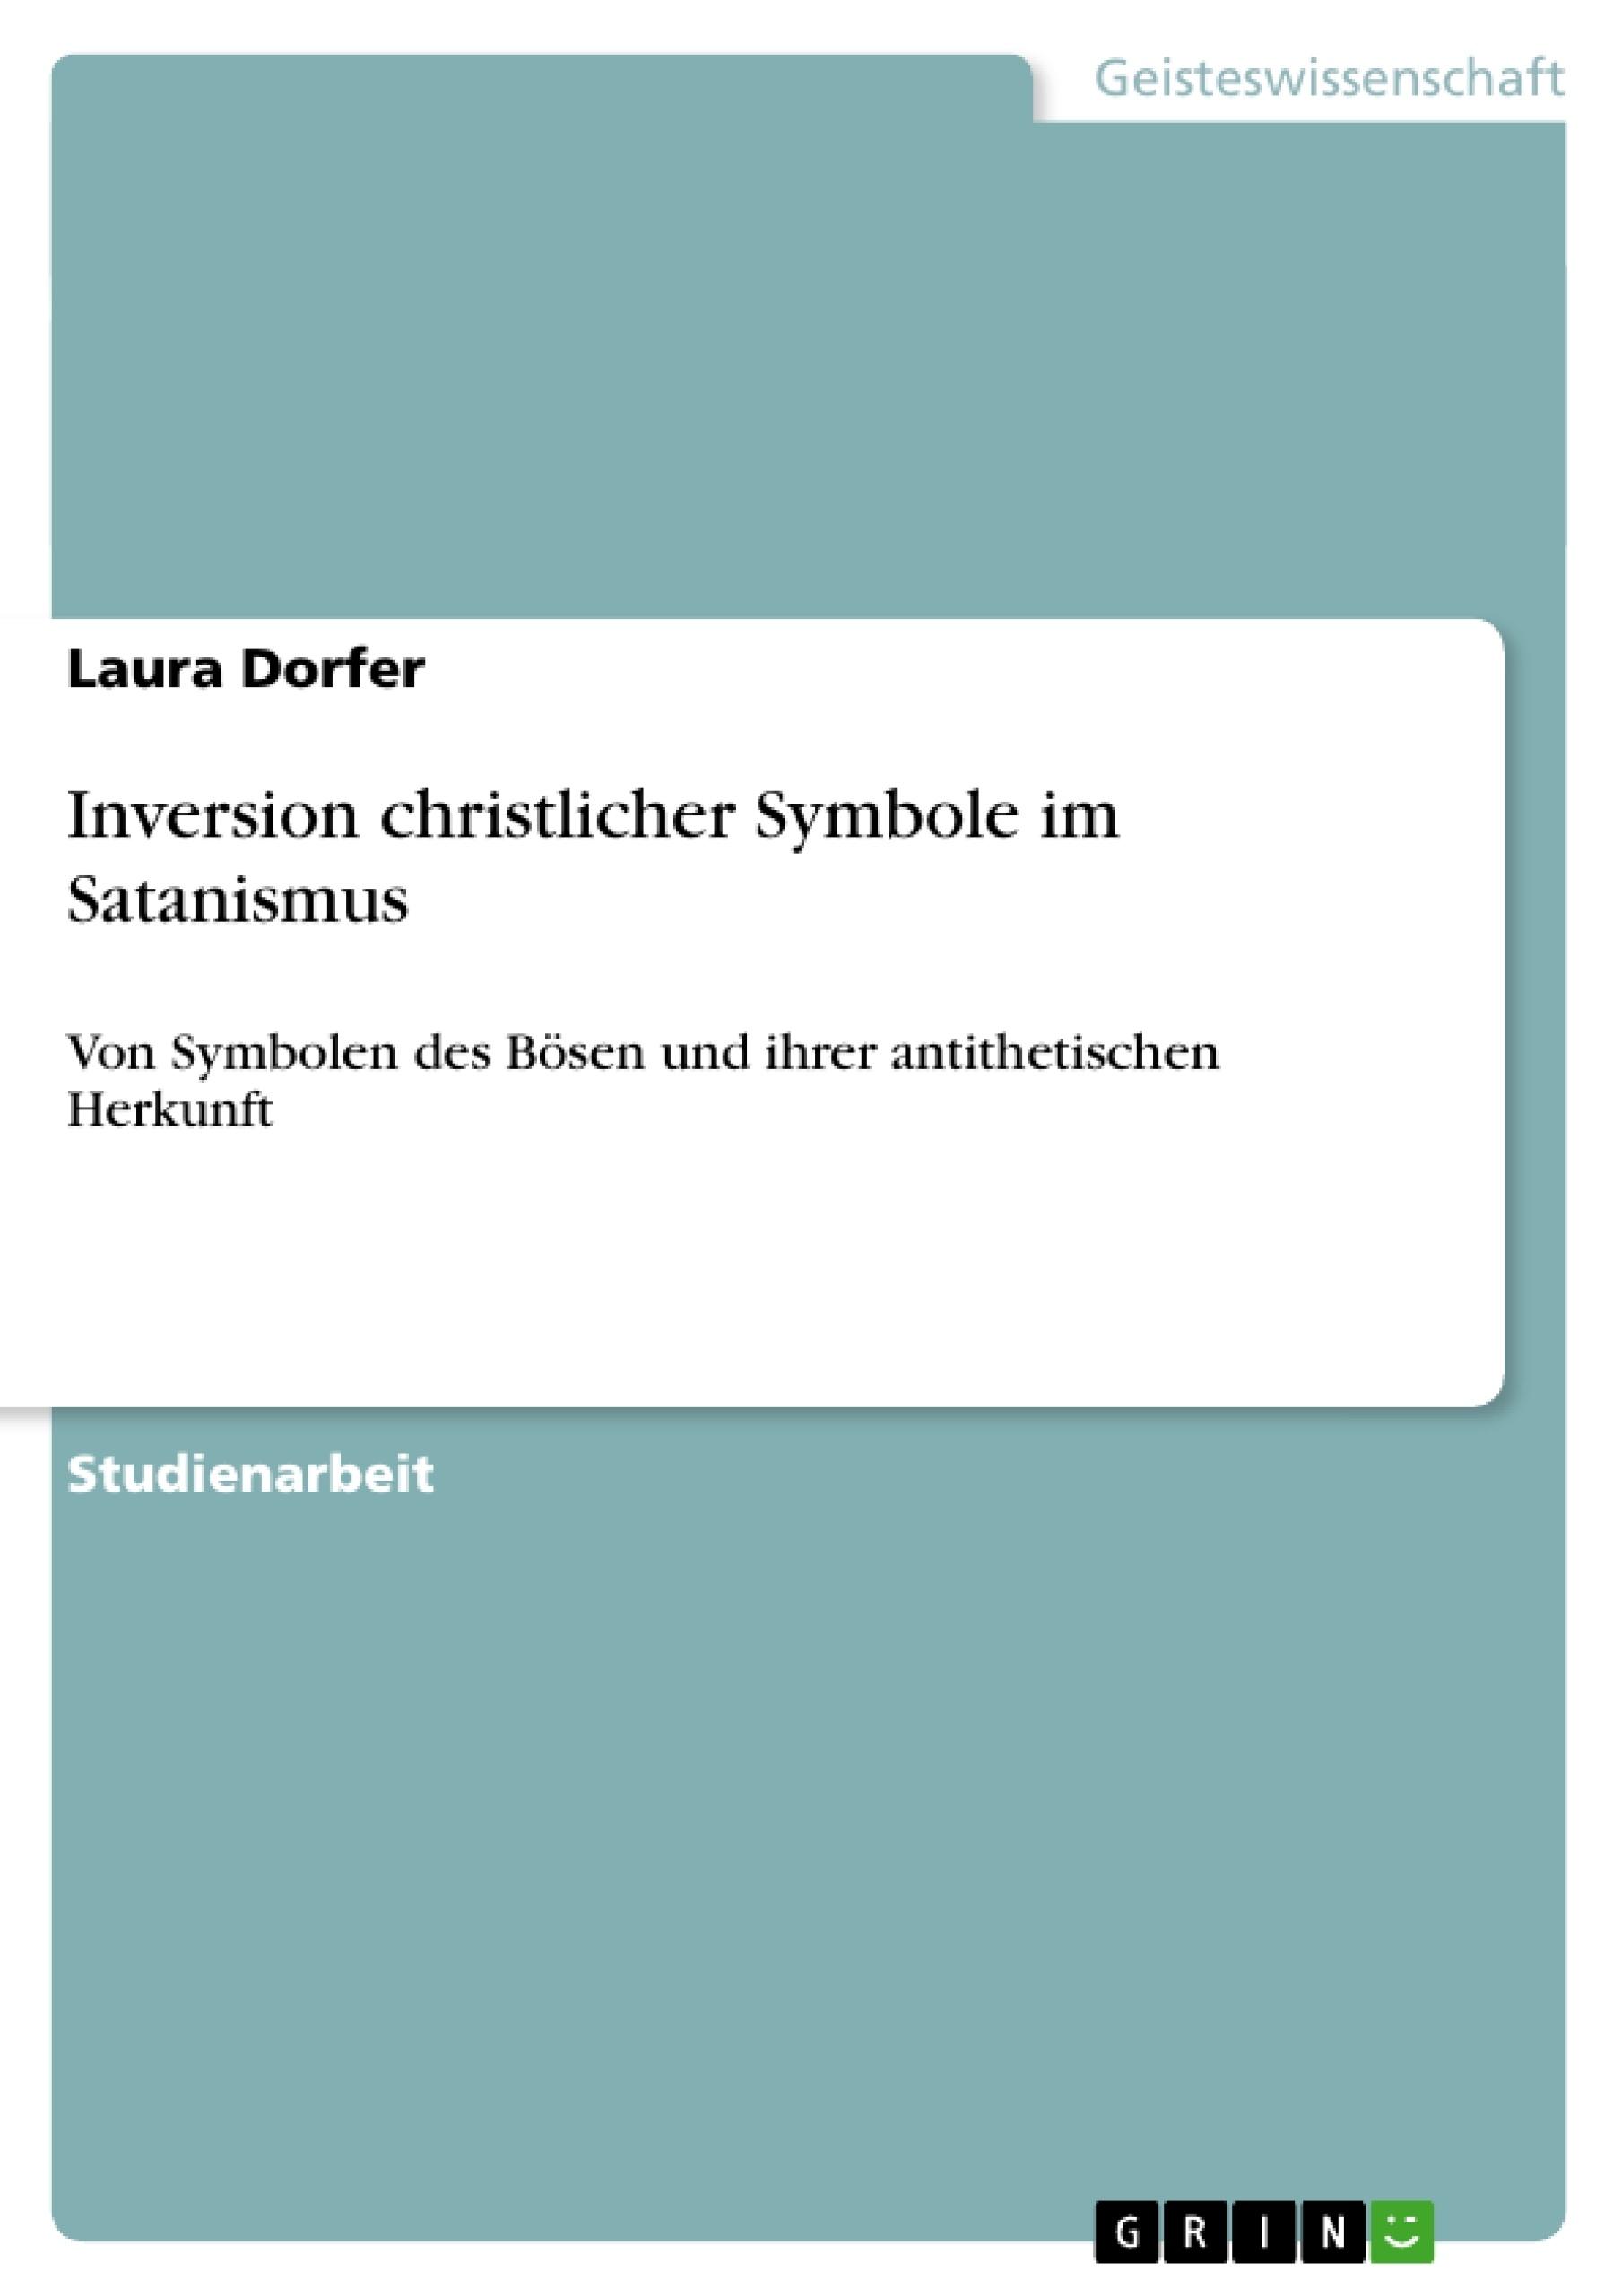 Titel: Inversion christlicher Symbole im Satanismus